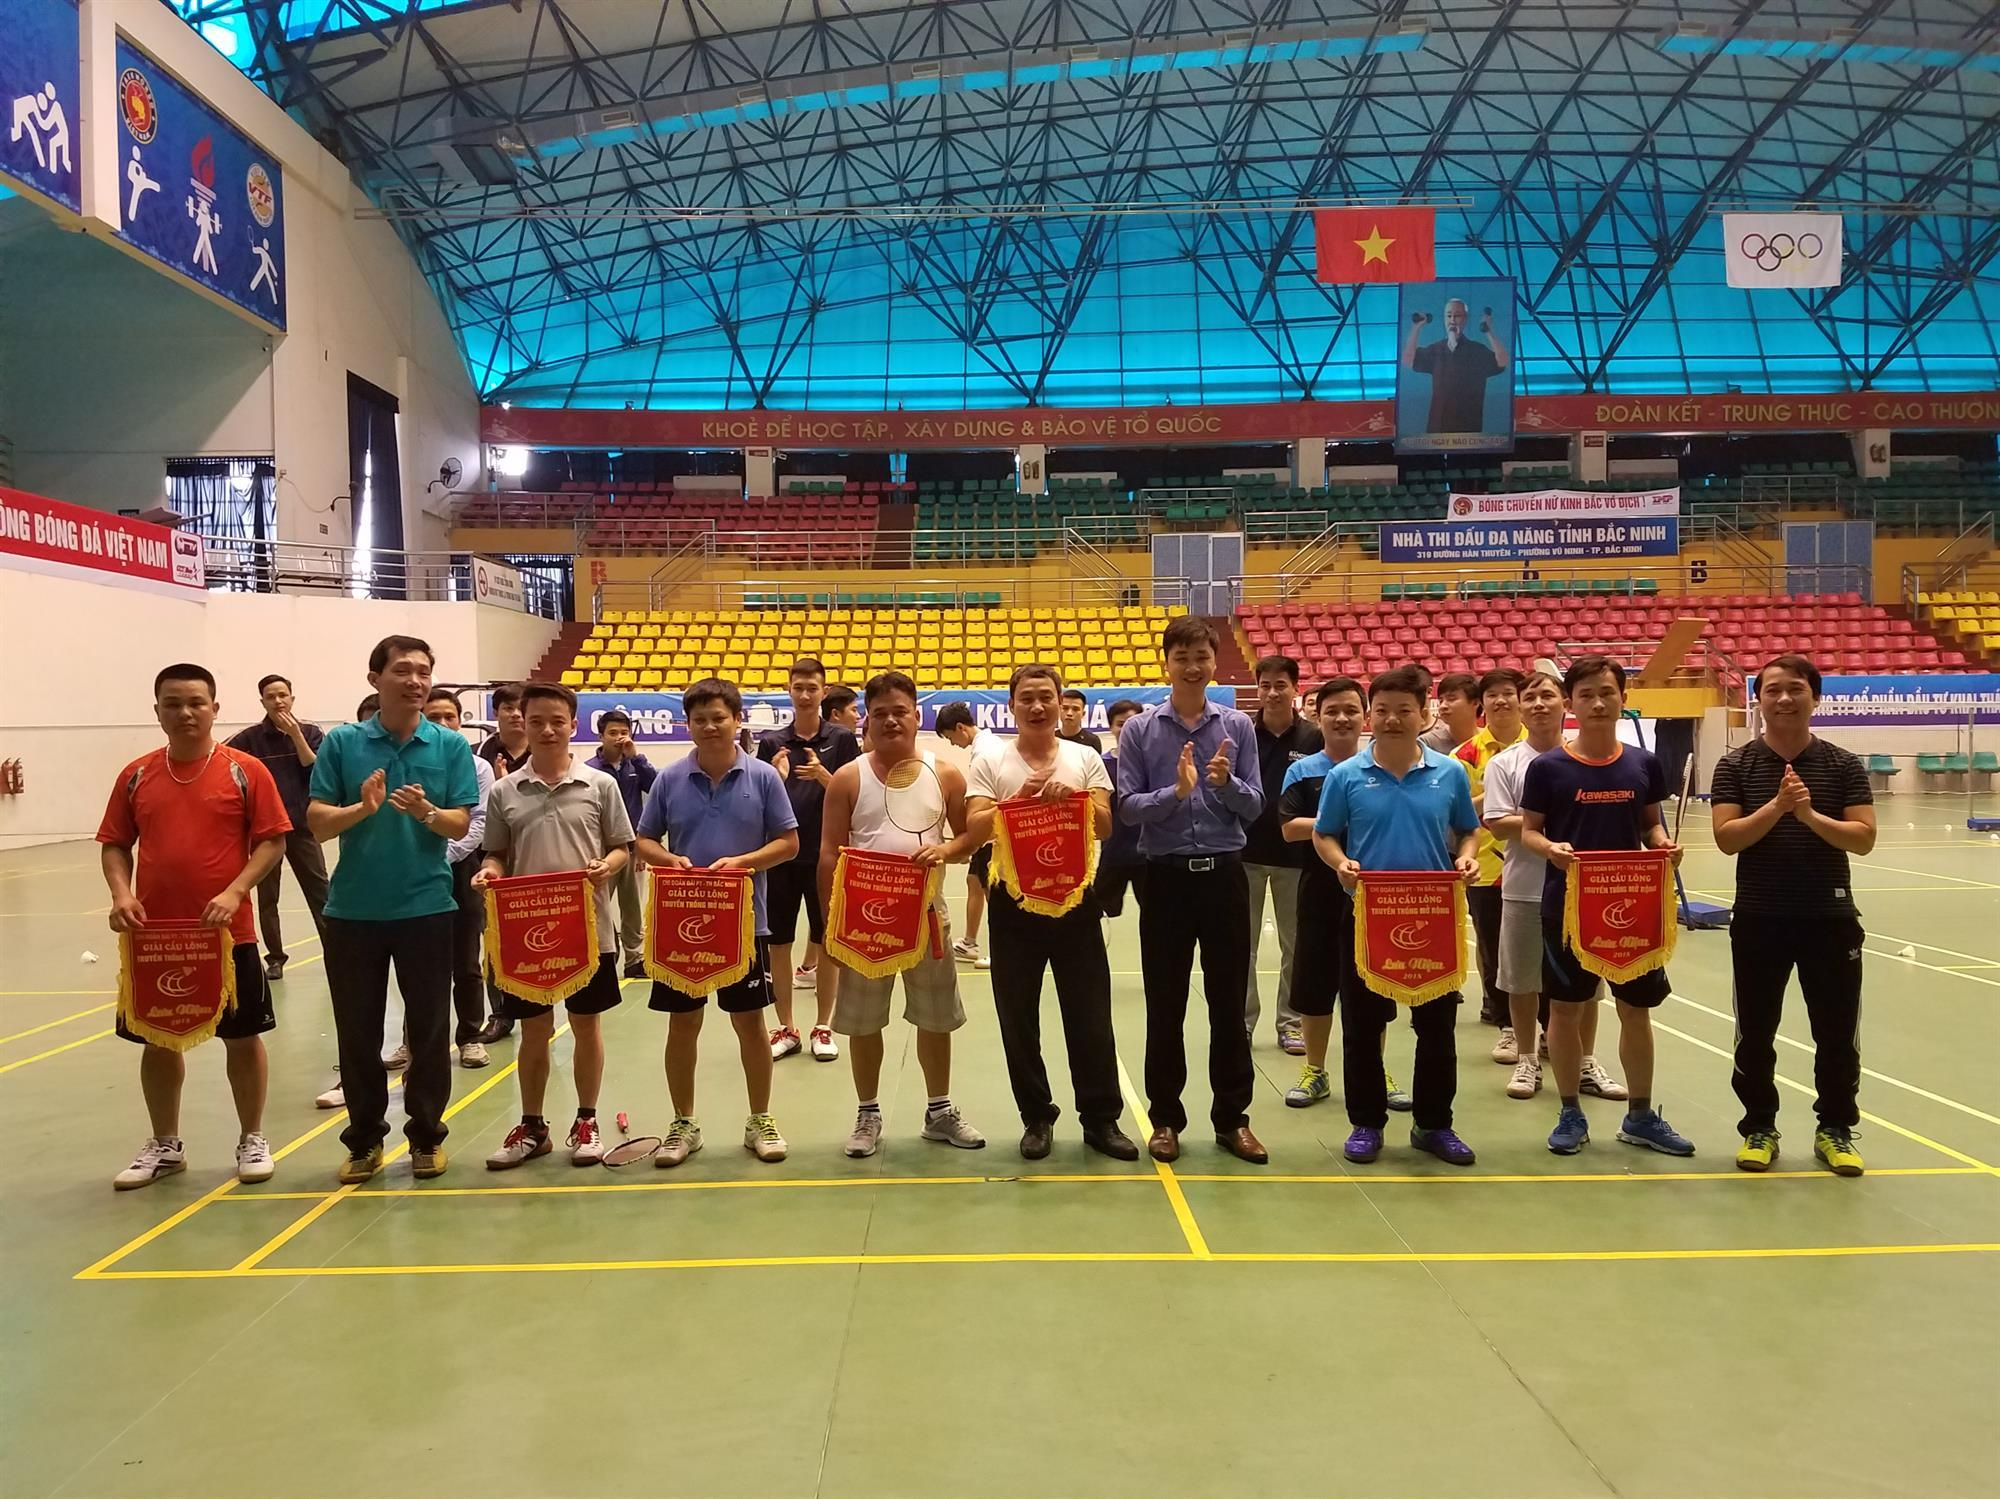 Giải cầu lông truyền thống Đài Phát thanh và Truyền hình Bắc Ninh